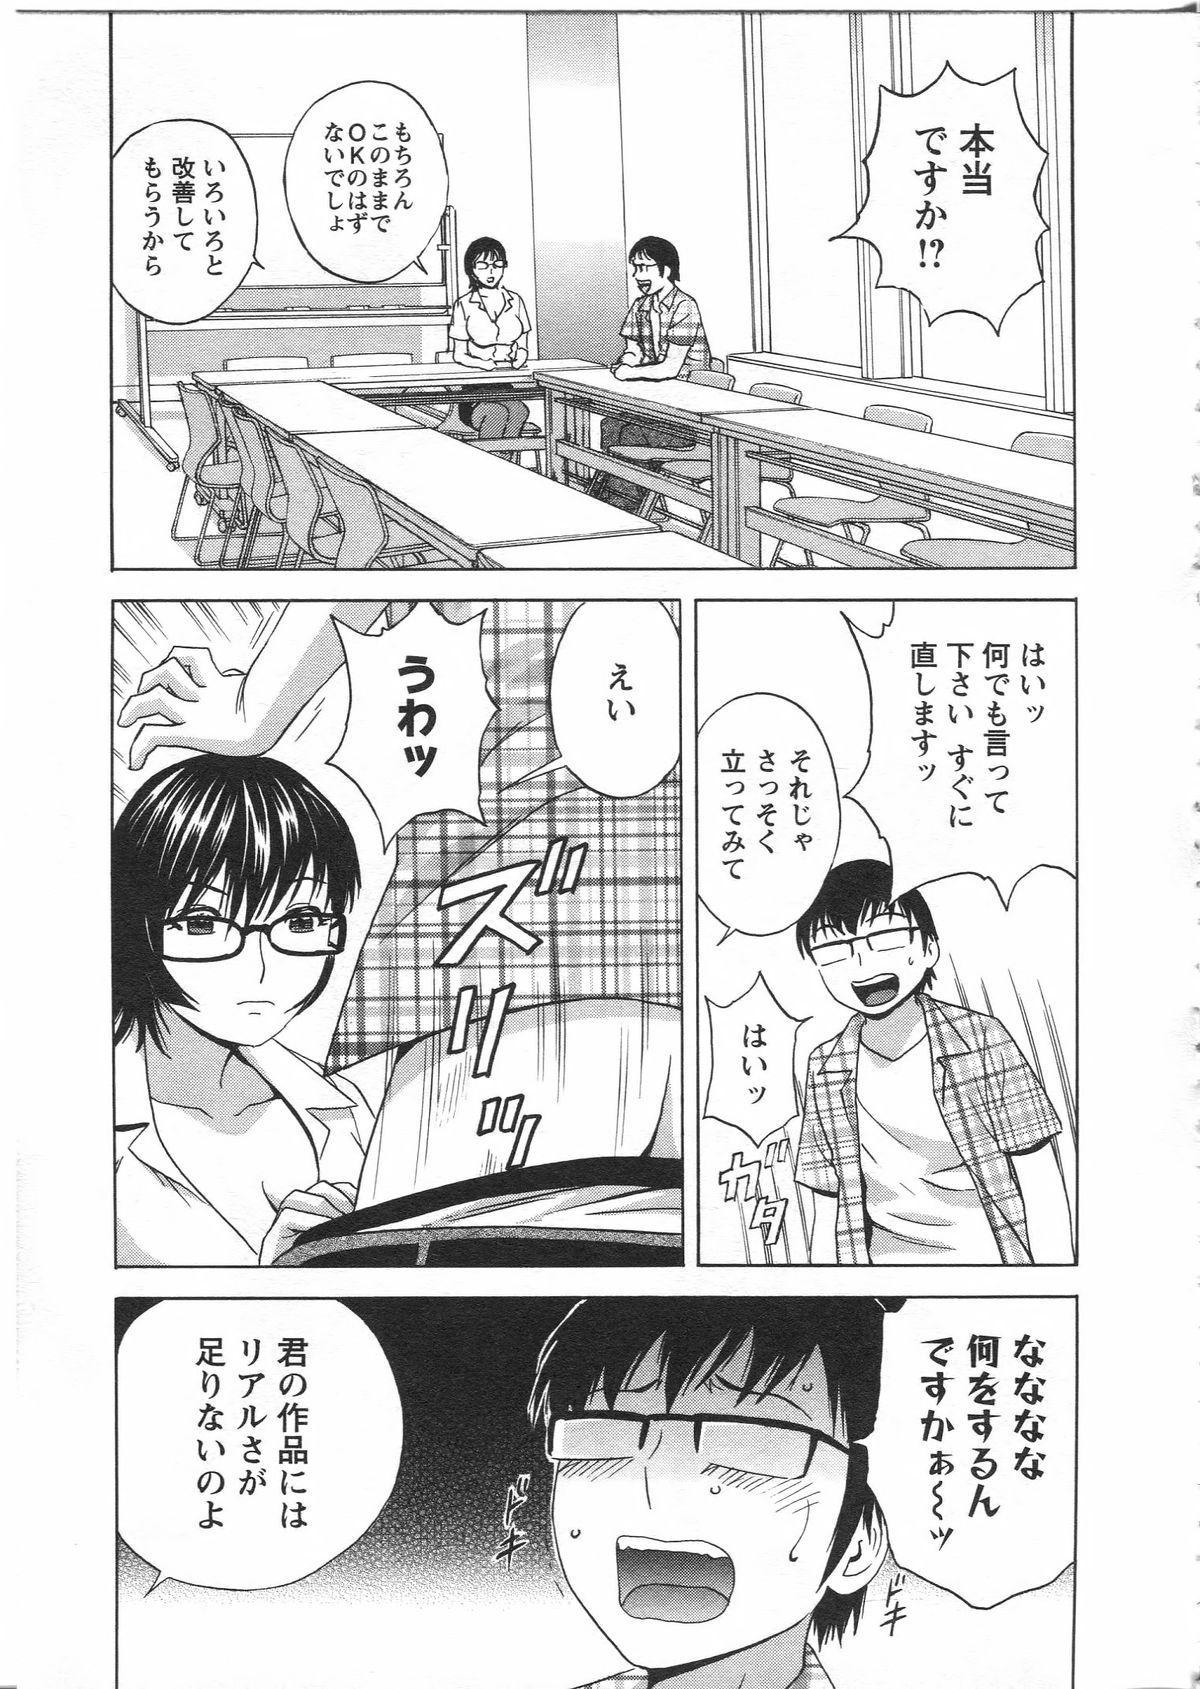 Manga no youna Hitozuma to no Hibi - Days with Married Women such as Comics. 104